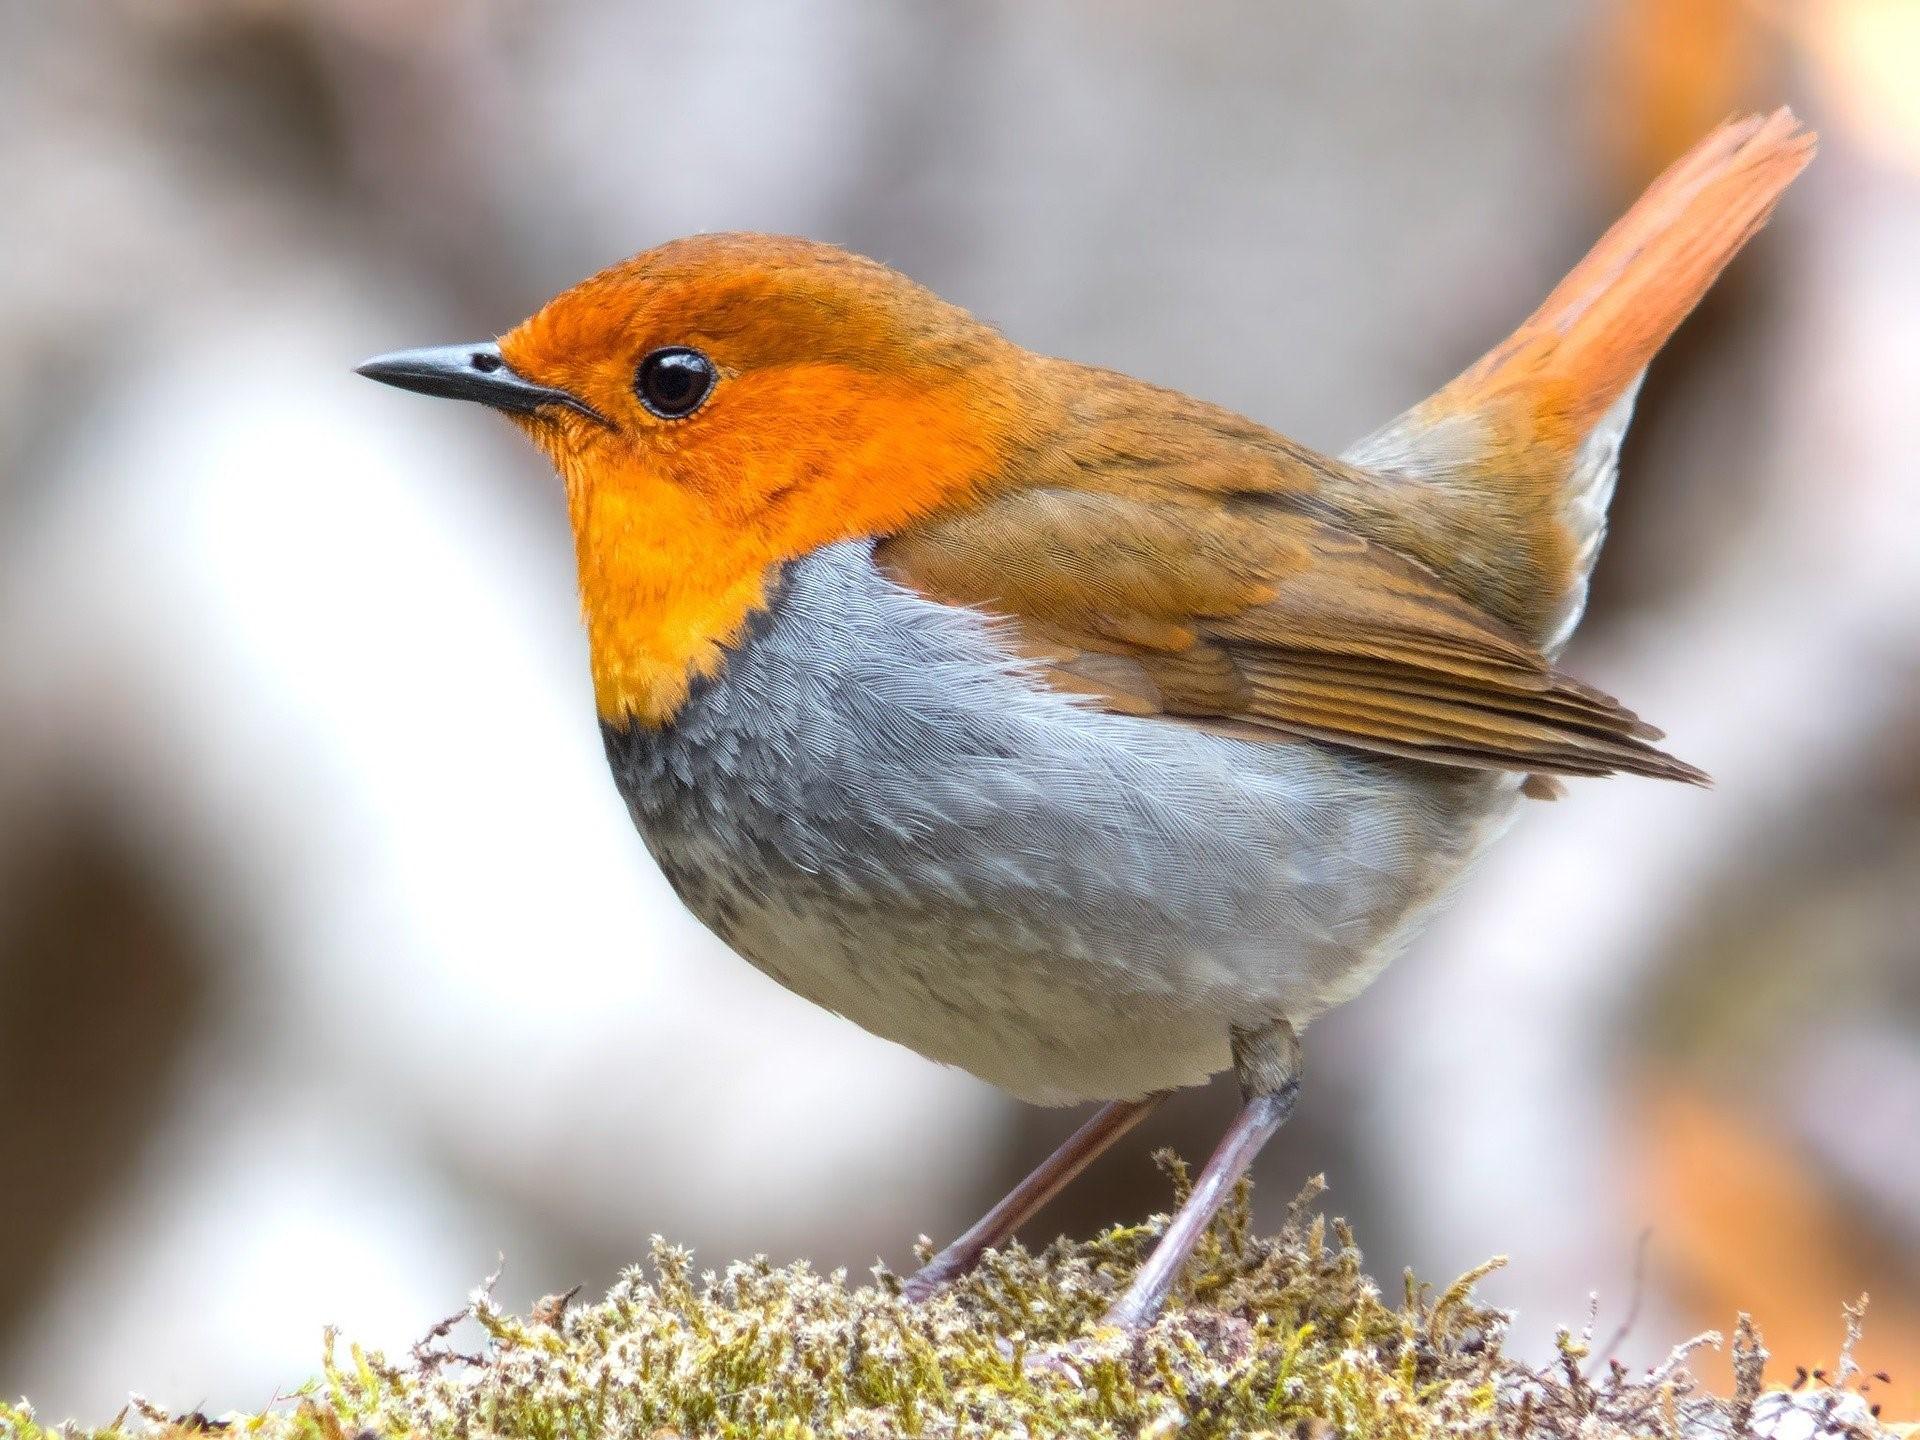 Bird standing on moss.